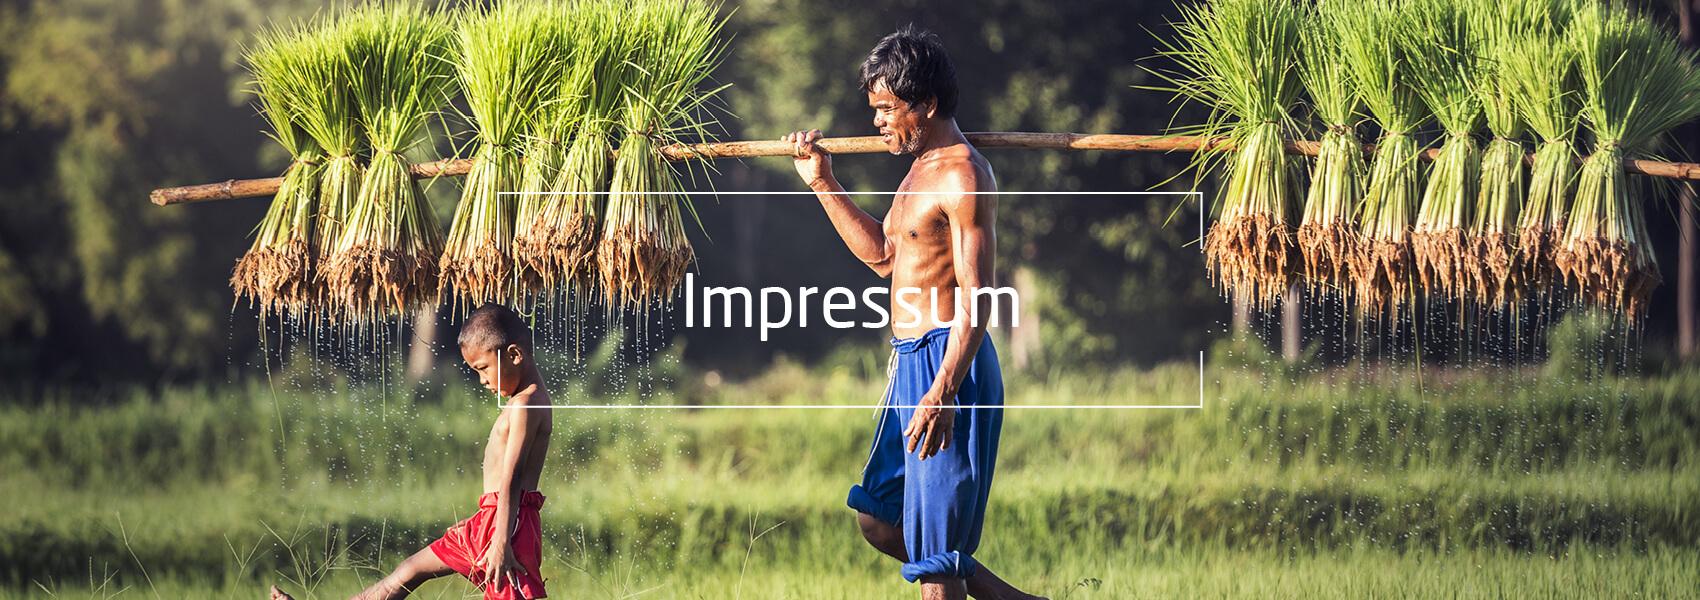 Asien Vater und Sohn, Text: Impressum